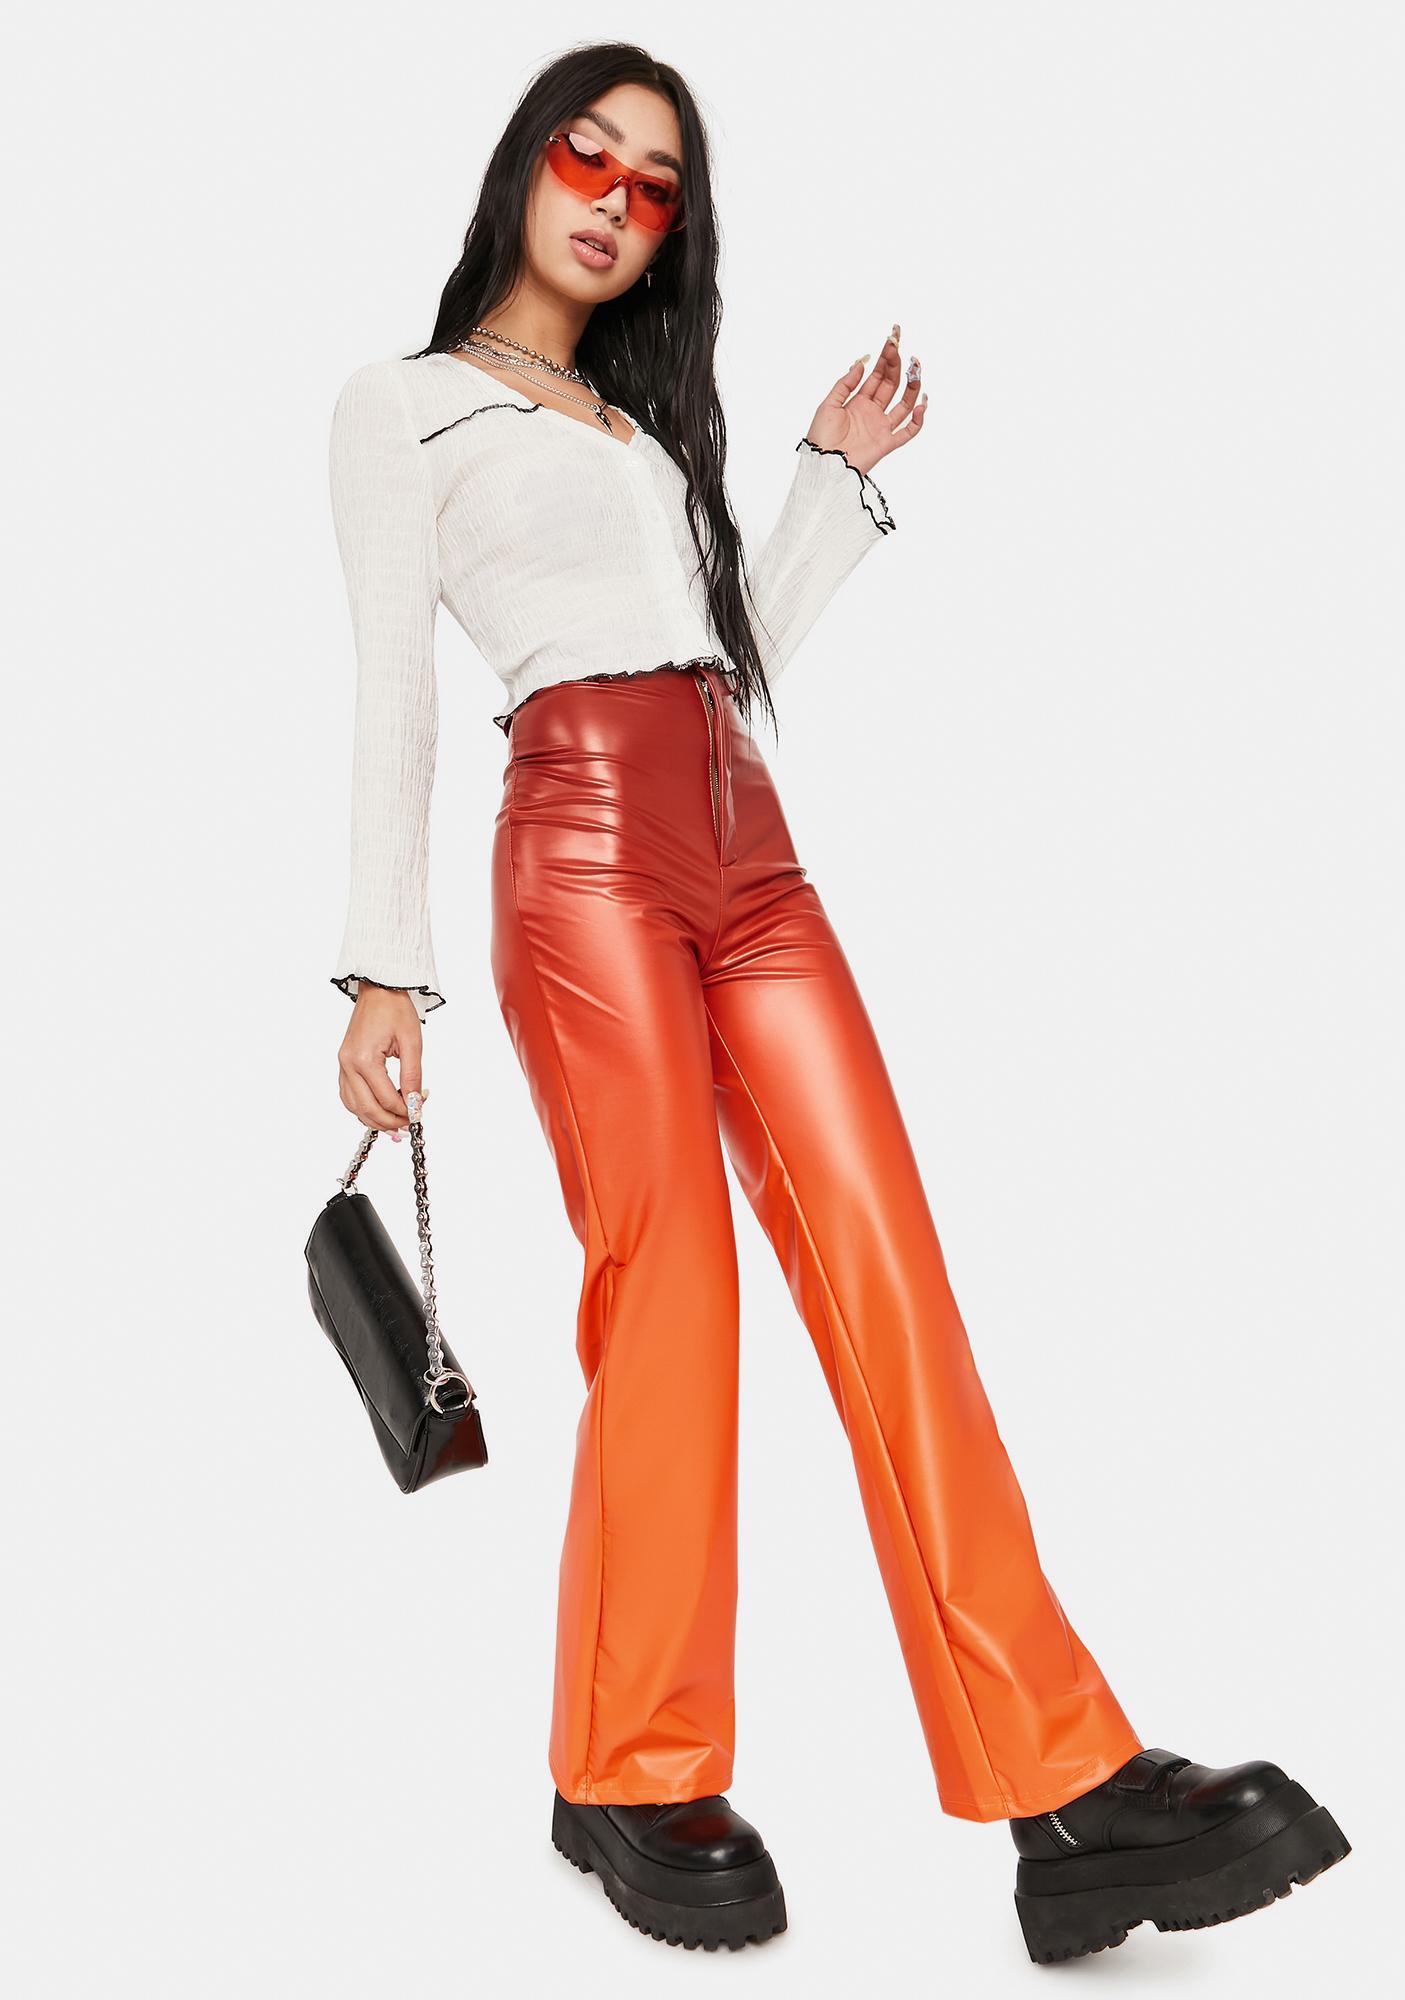 ZEMETA Ombre Vinyl High Waist Pants